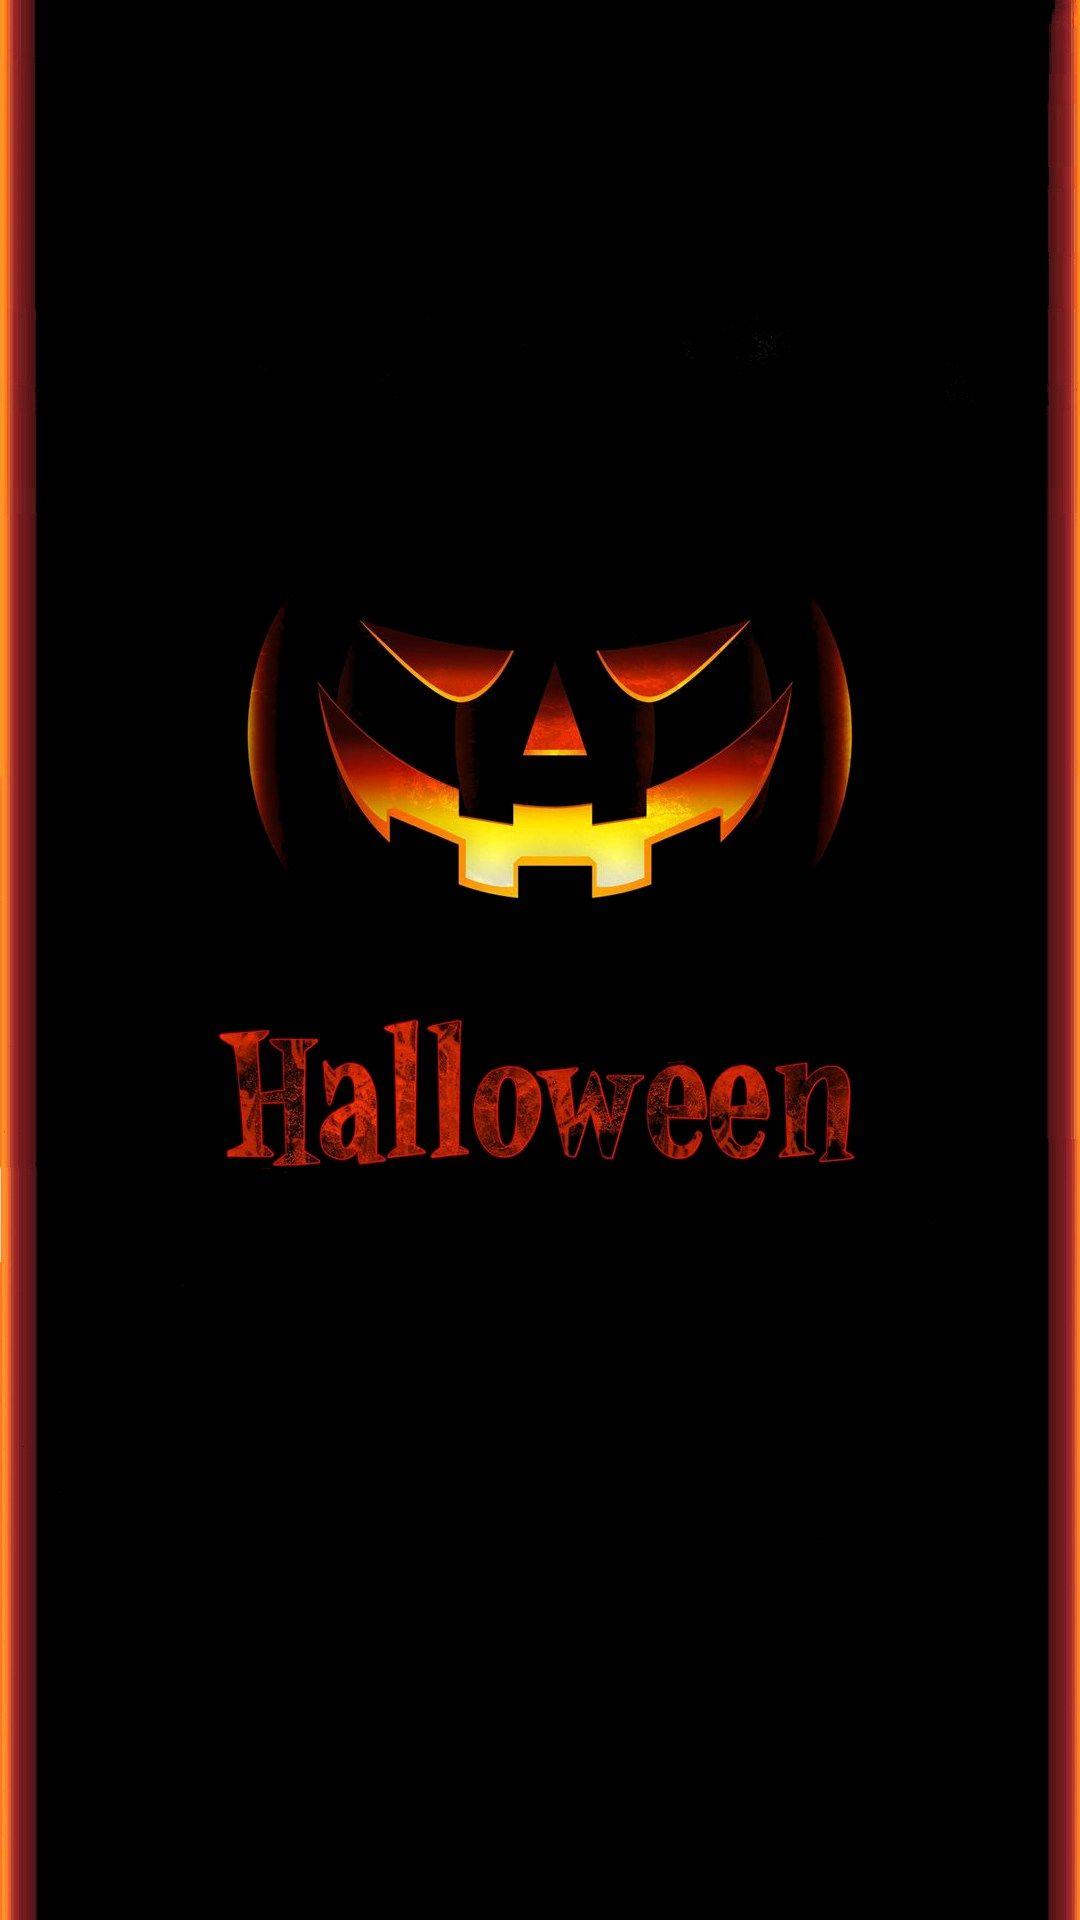 Halloween Pumpkin Wallpaper Fondos De Halloween Ilustracion De Halloween Pantallas De Halloween